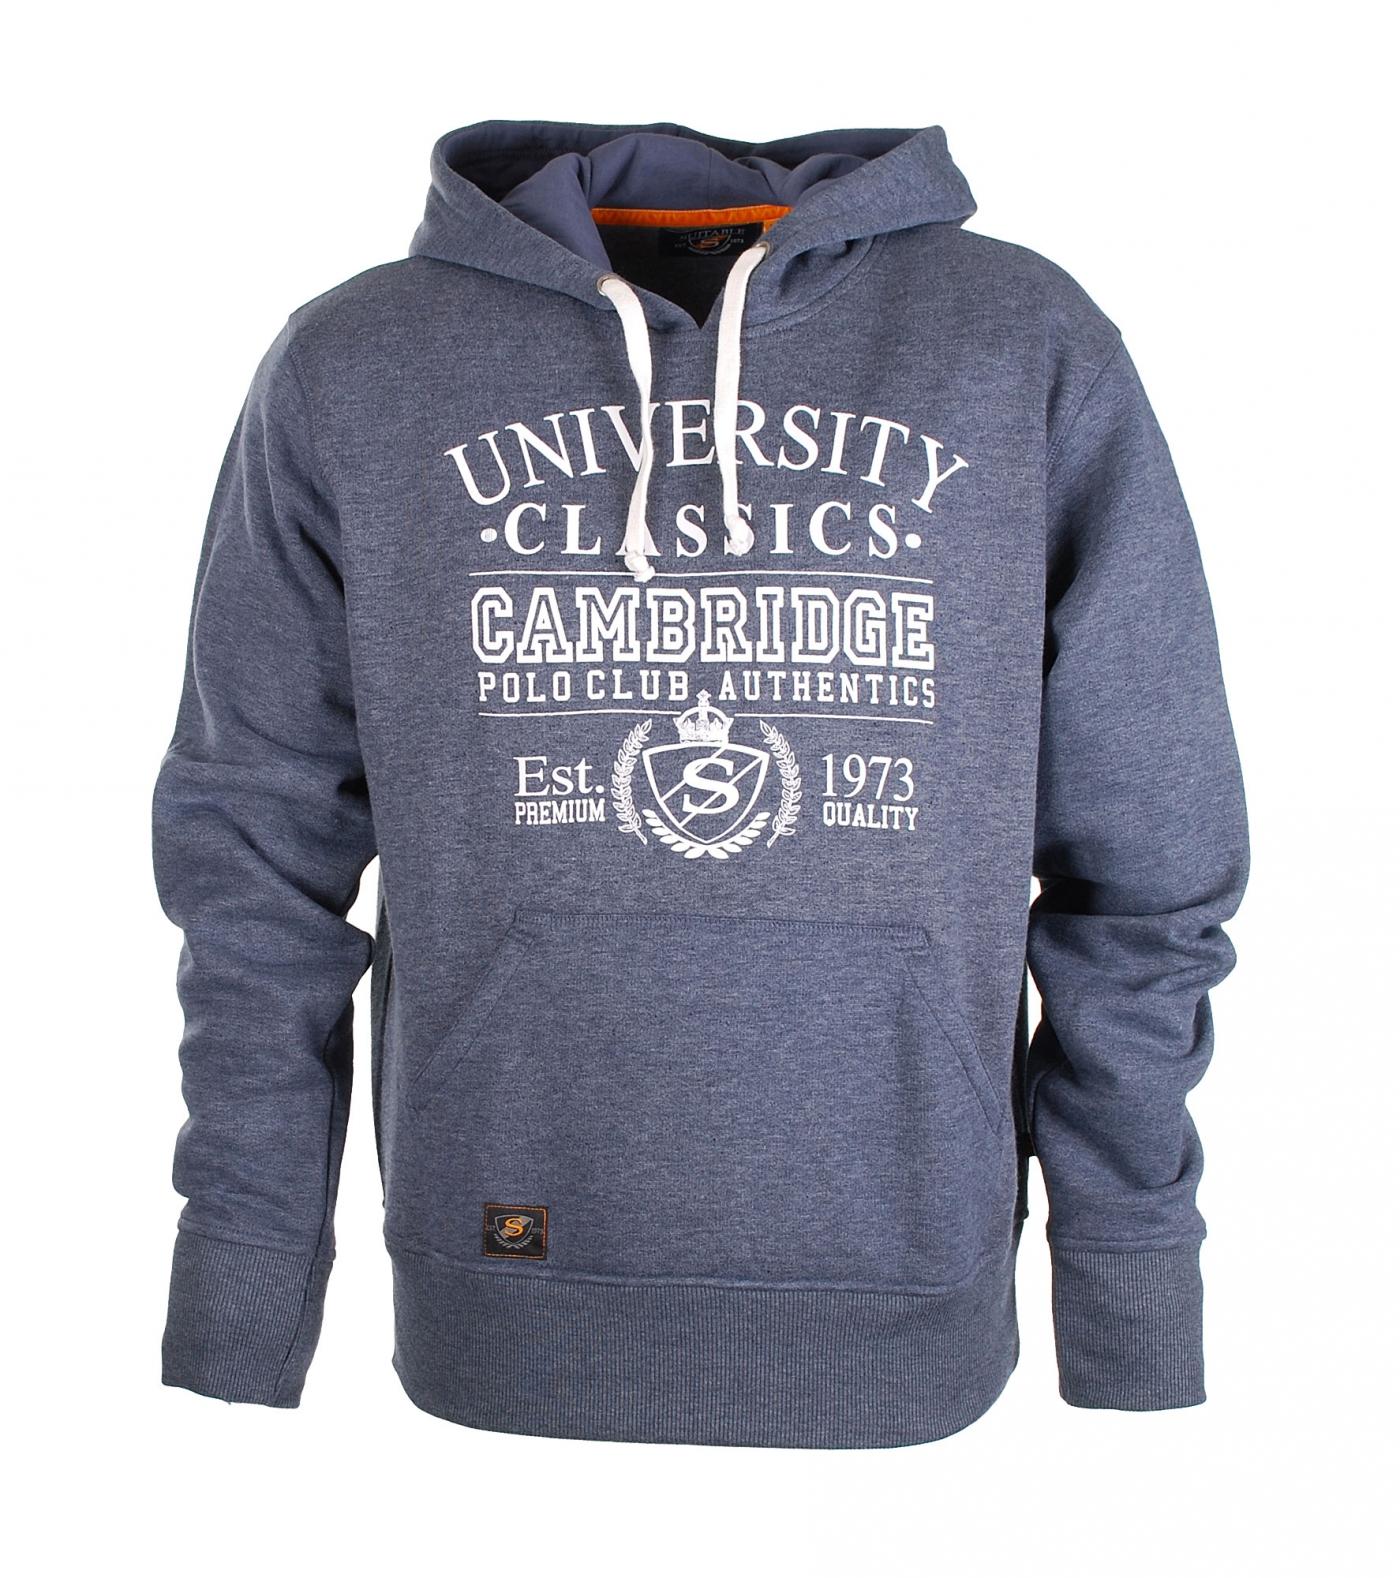 Maastricht University Hoodie